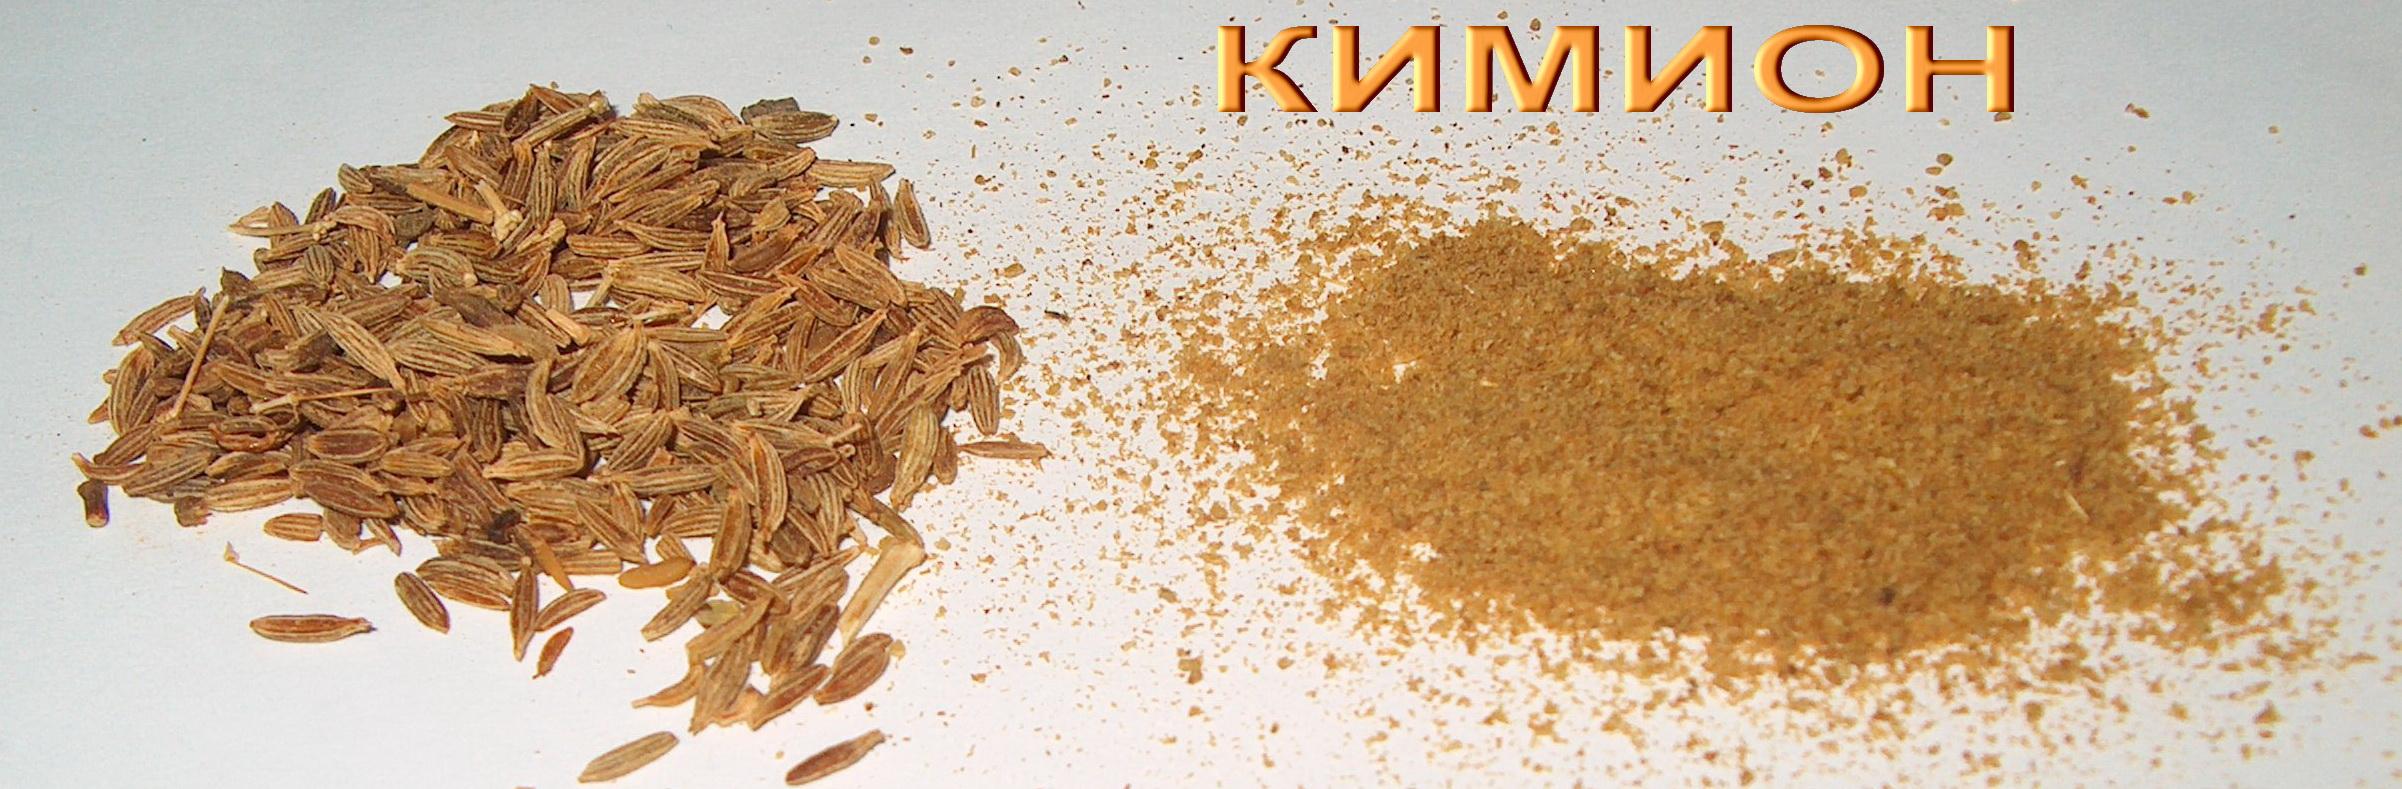 Кимион, Cumin-spice